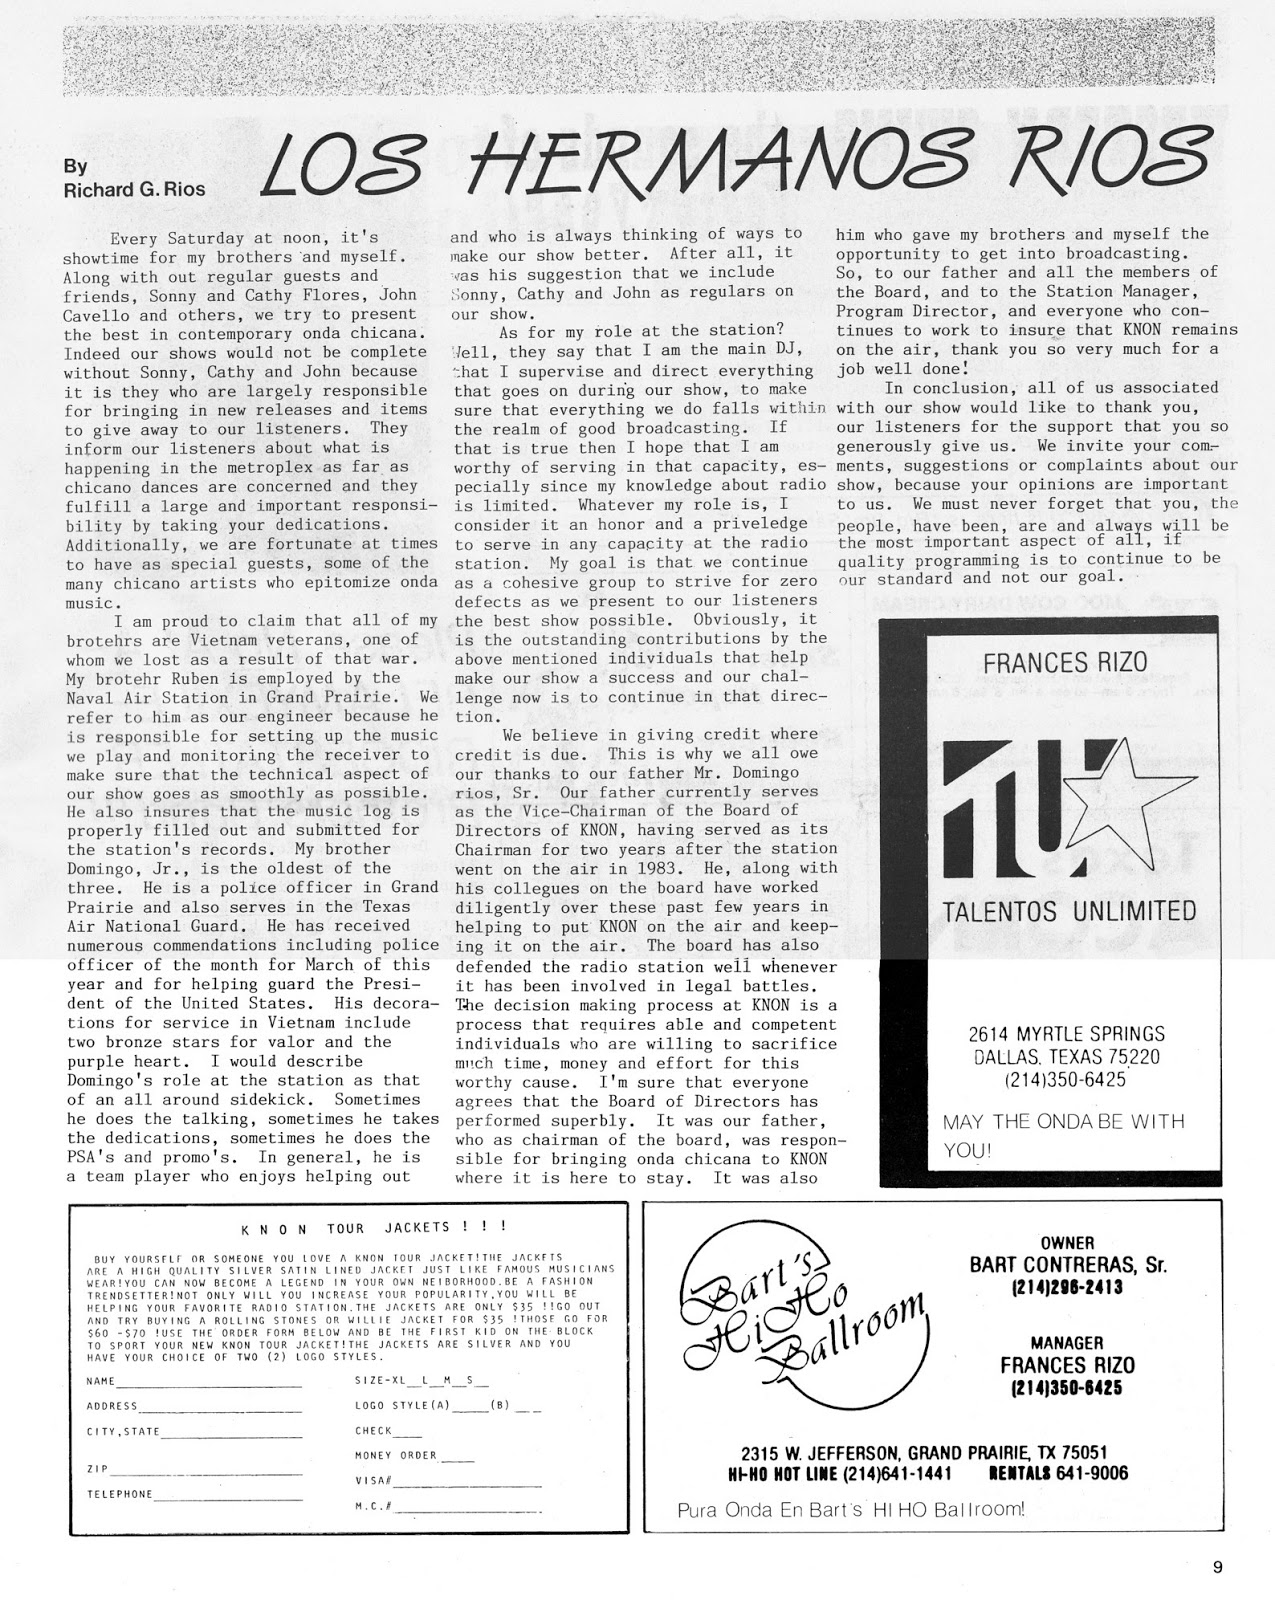 scrapbook-1986-issue-3-p09